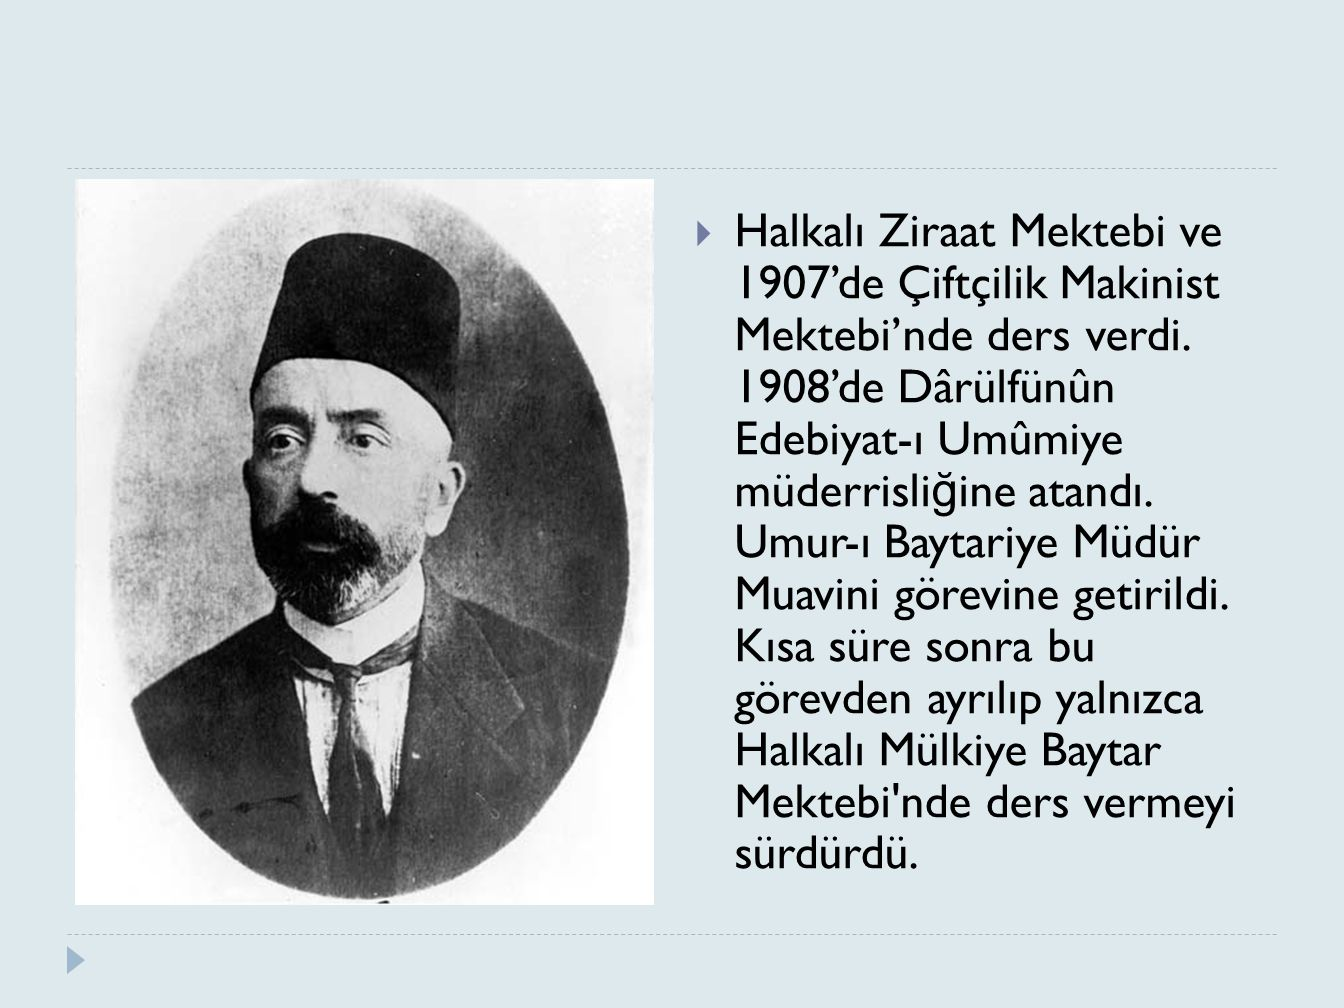 Halkalı Ziraat Mektebi ve 1907'de Çiftçilik Makinist Mektebi'nde ders verdi.